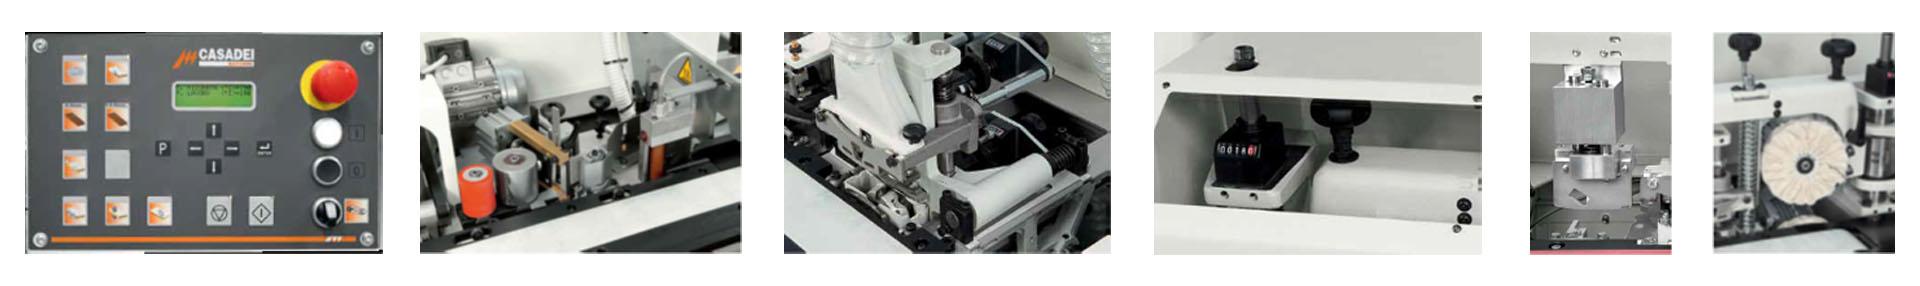 Masina de aplicat cant abs - Casadei